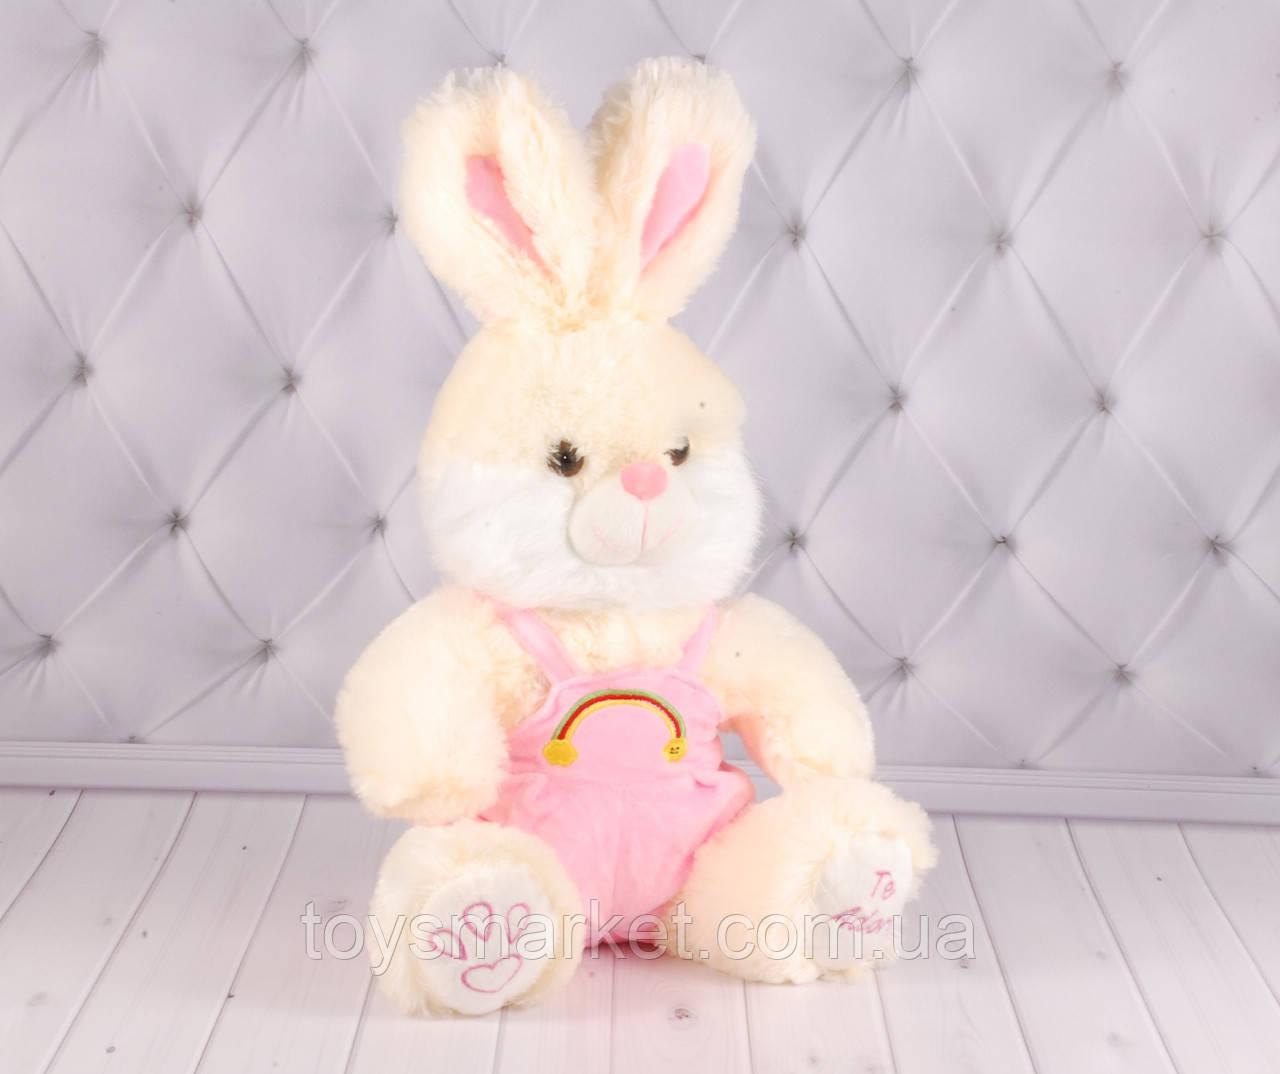 """Мягкая игрушка зайка """"Семка"""", плюшевая игрушка заяц, игрушка зайчик"""